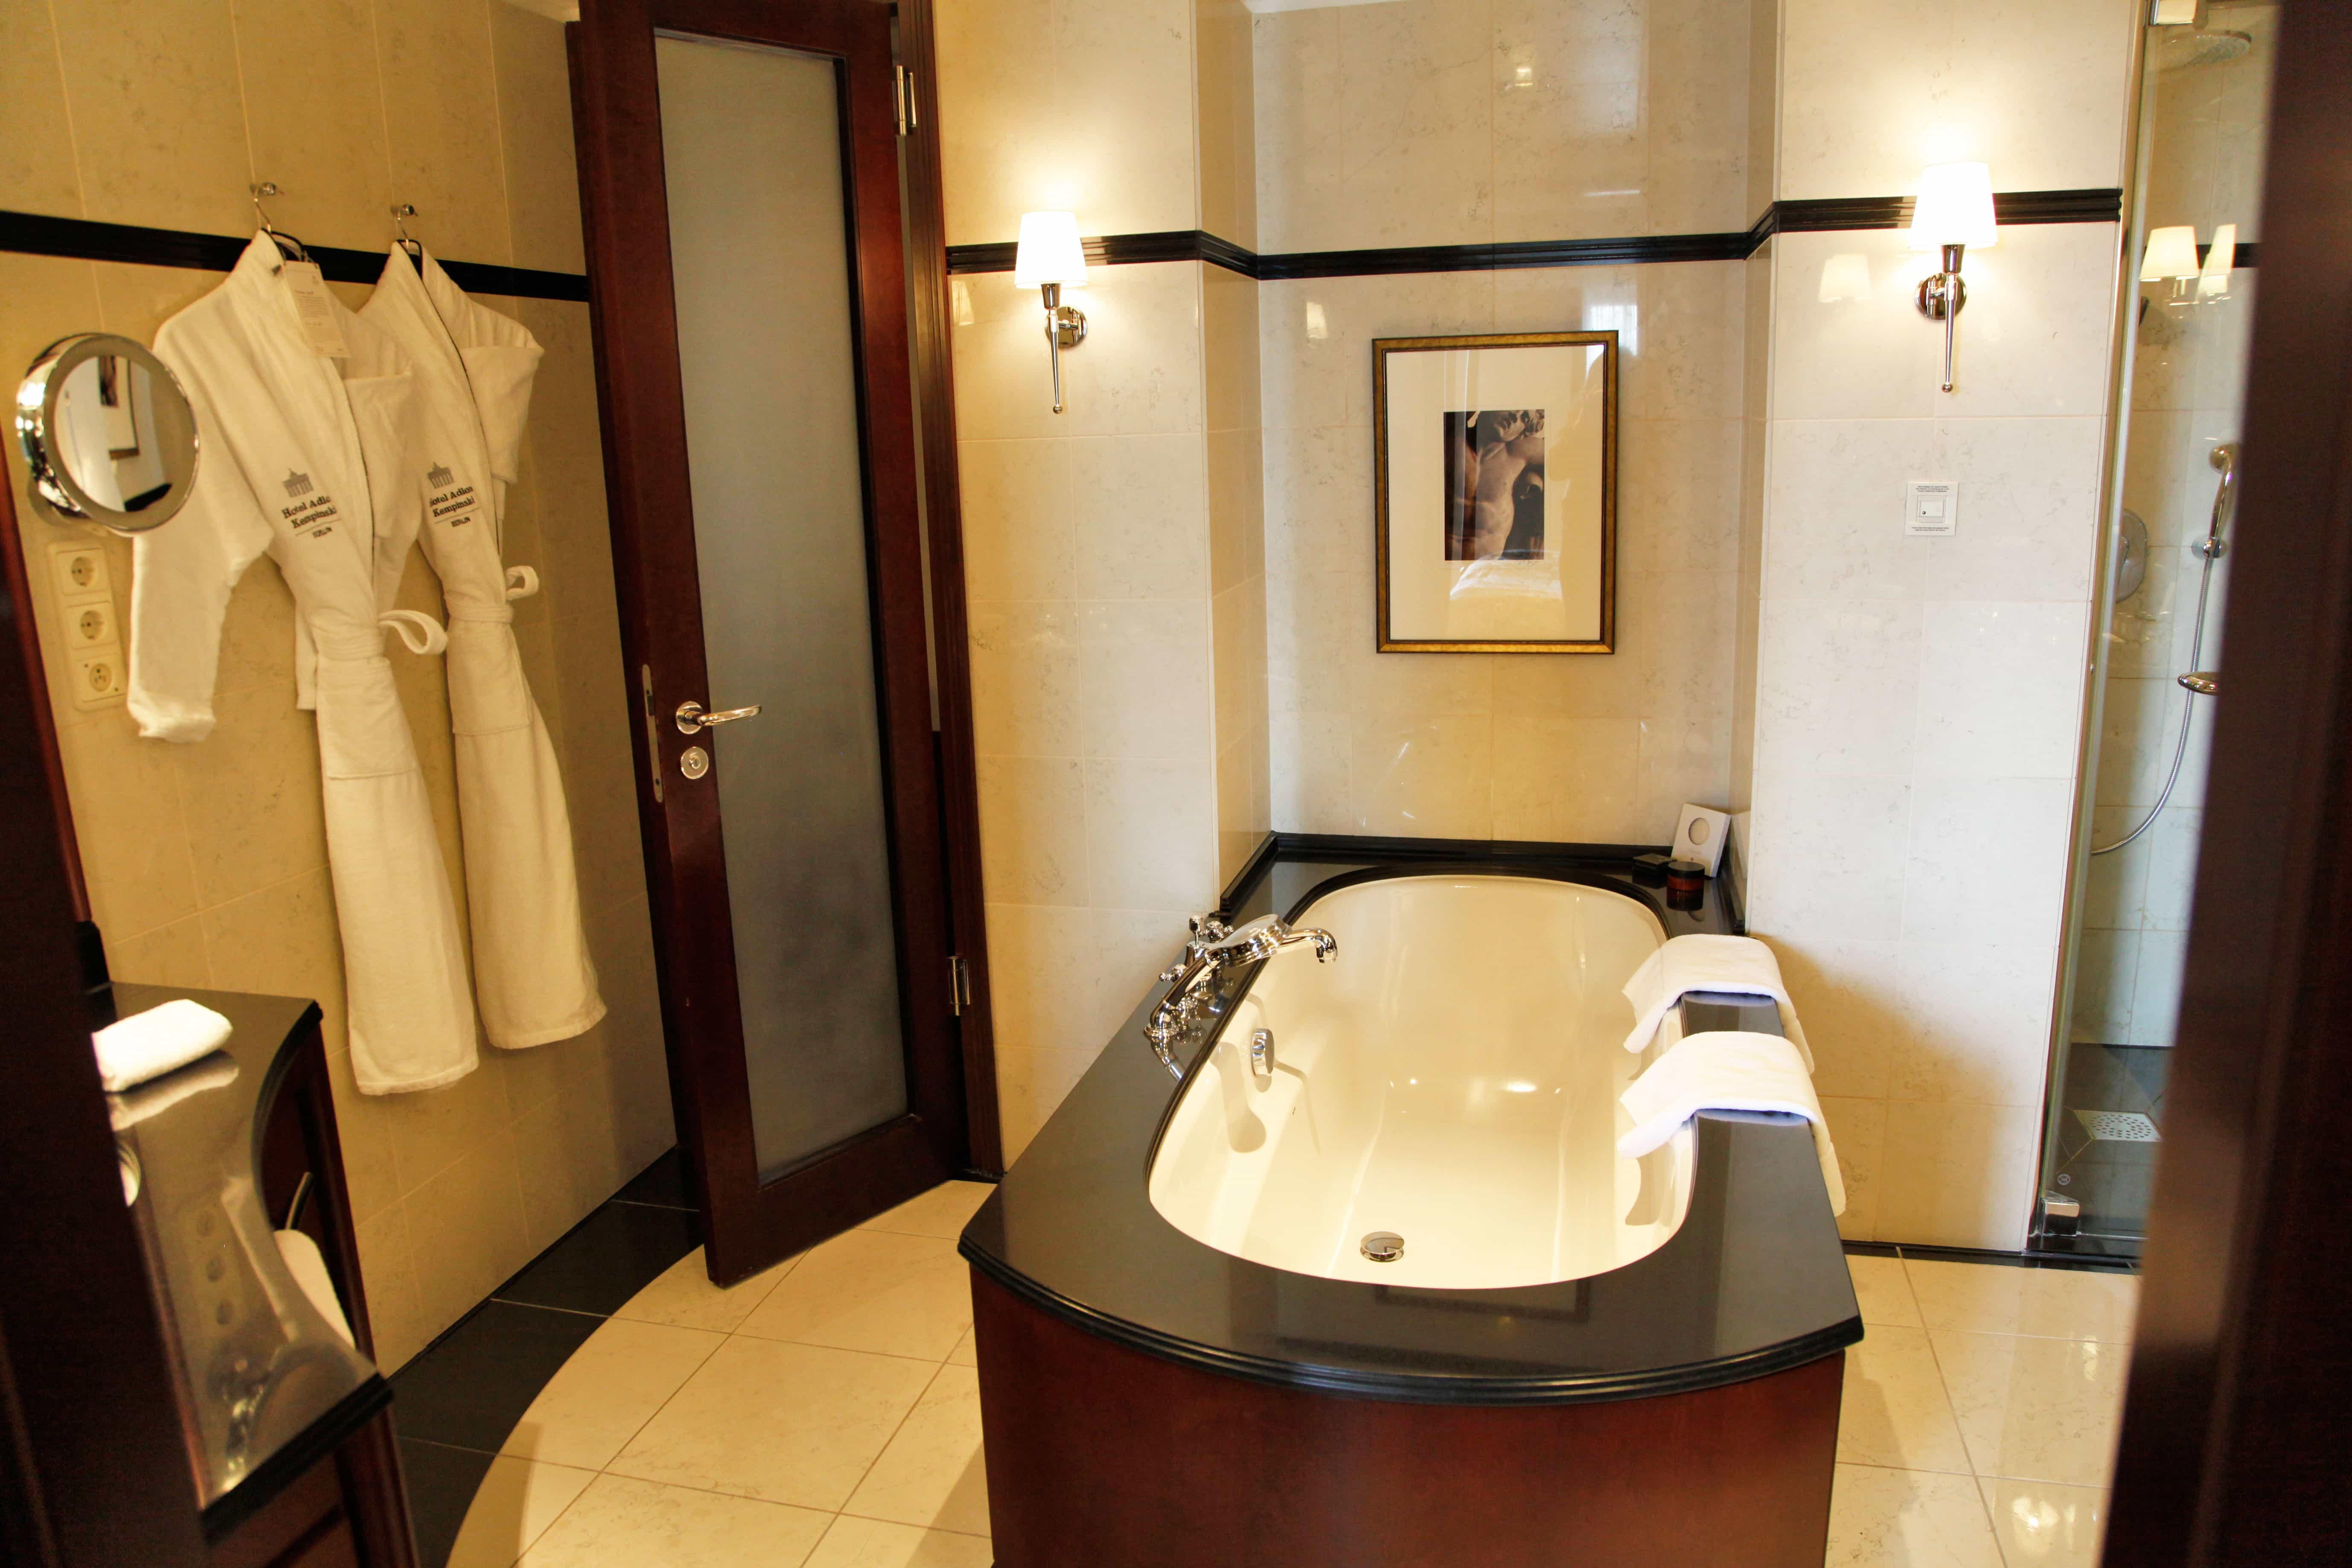 Adlon kempinski hotel review slapen in een suite van 12000 euro - Kamer van rustieke chic badkamer ...